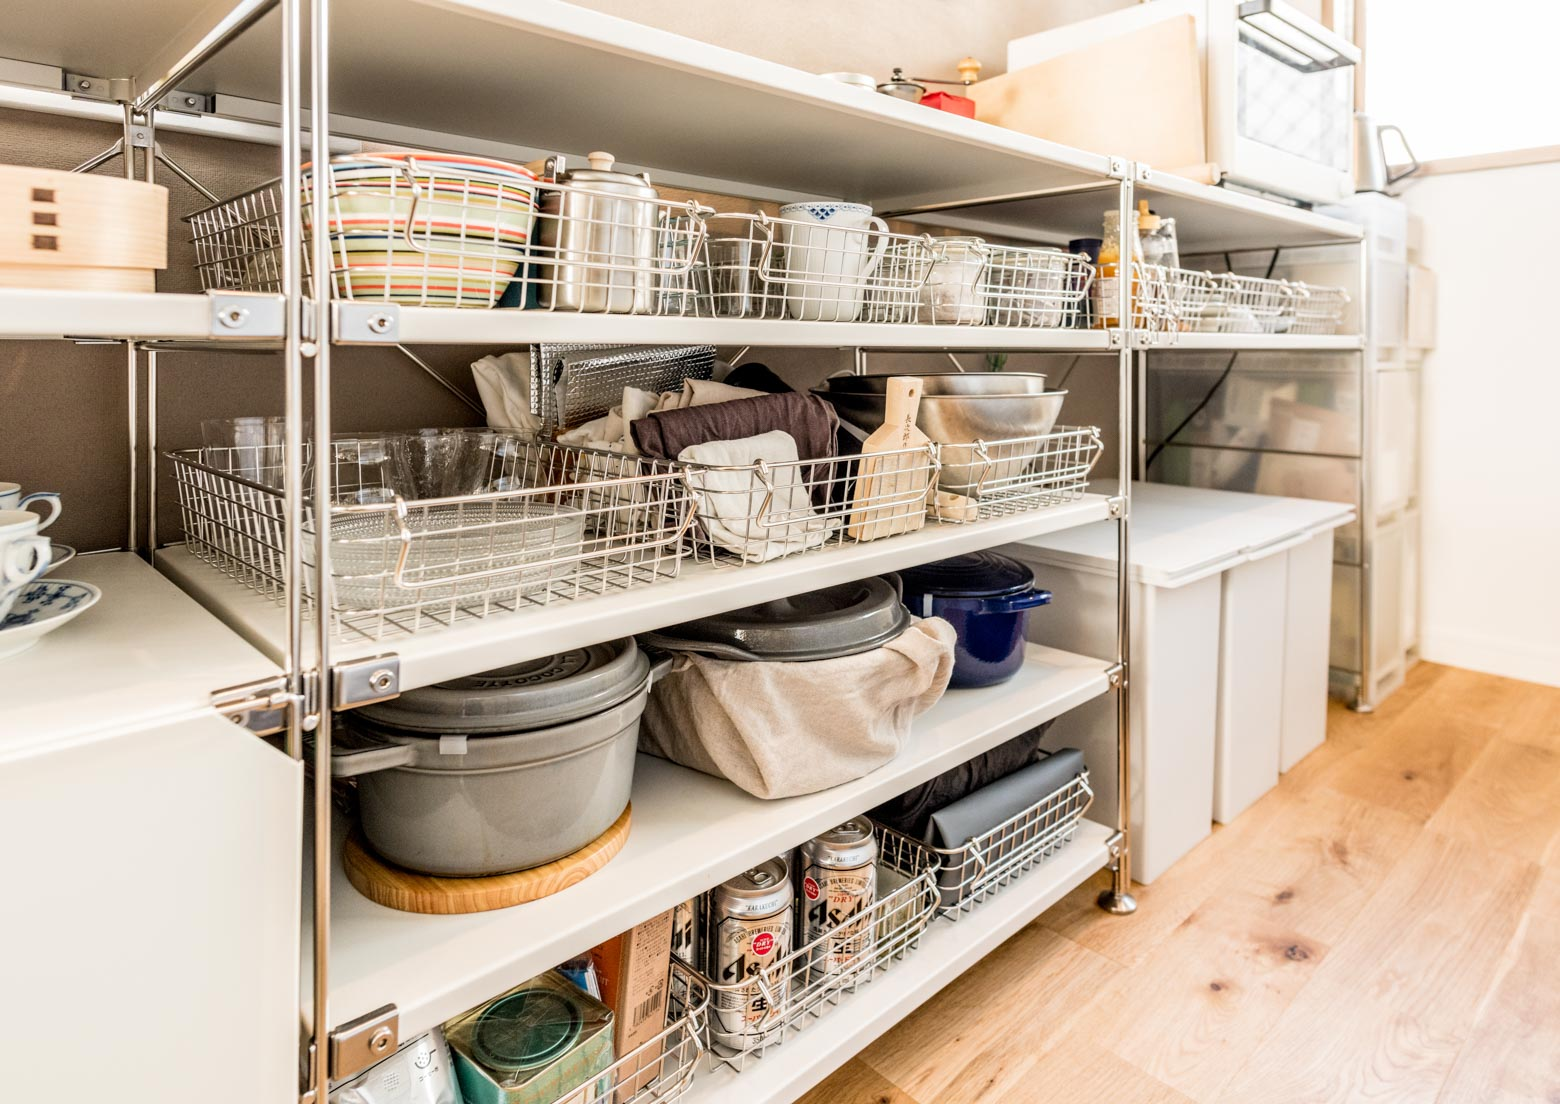 食器棚を買うときは「腰高まで」の高さのものがおすすめ。(このお部屋はこちら)